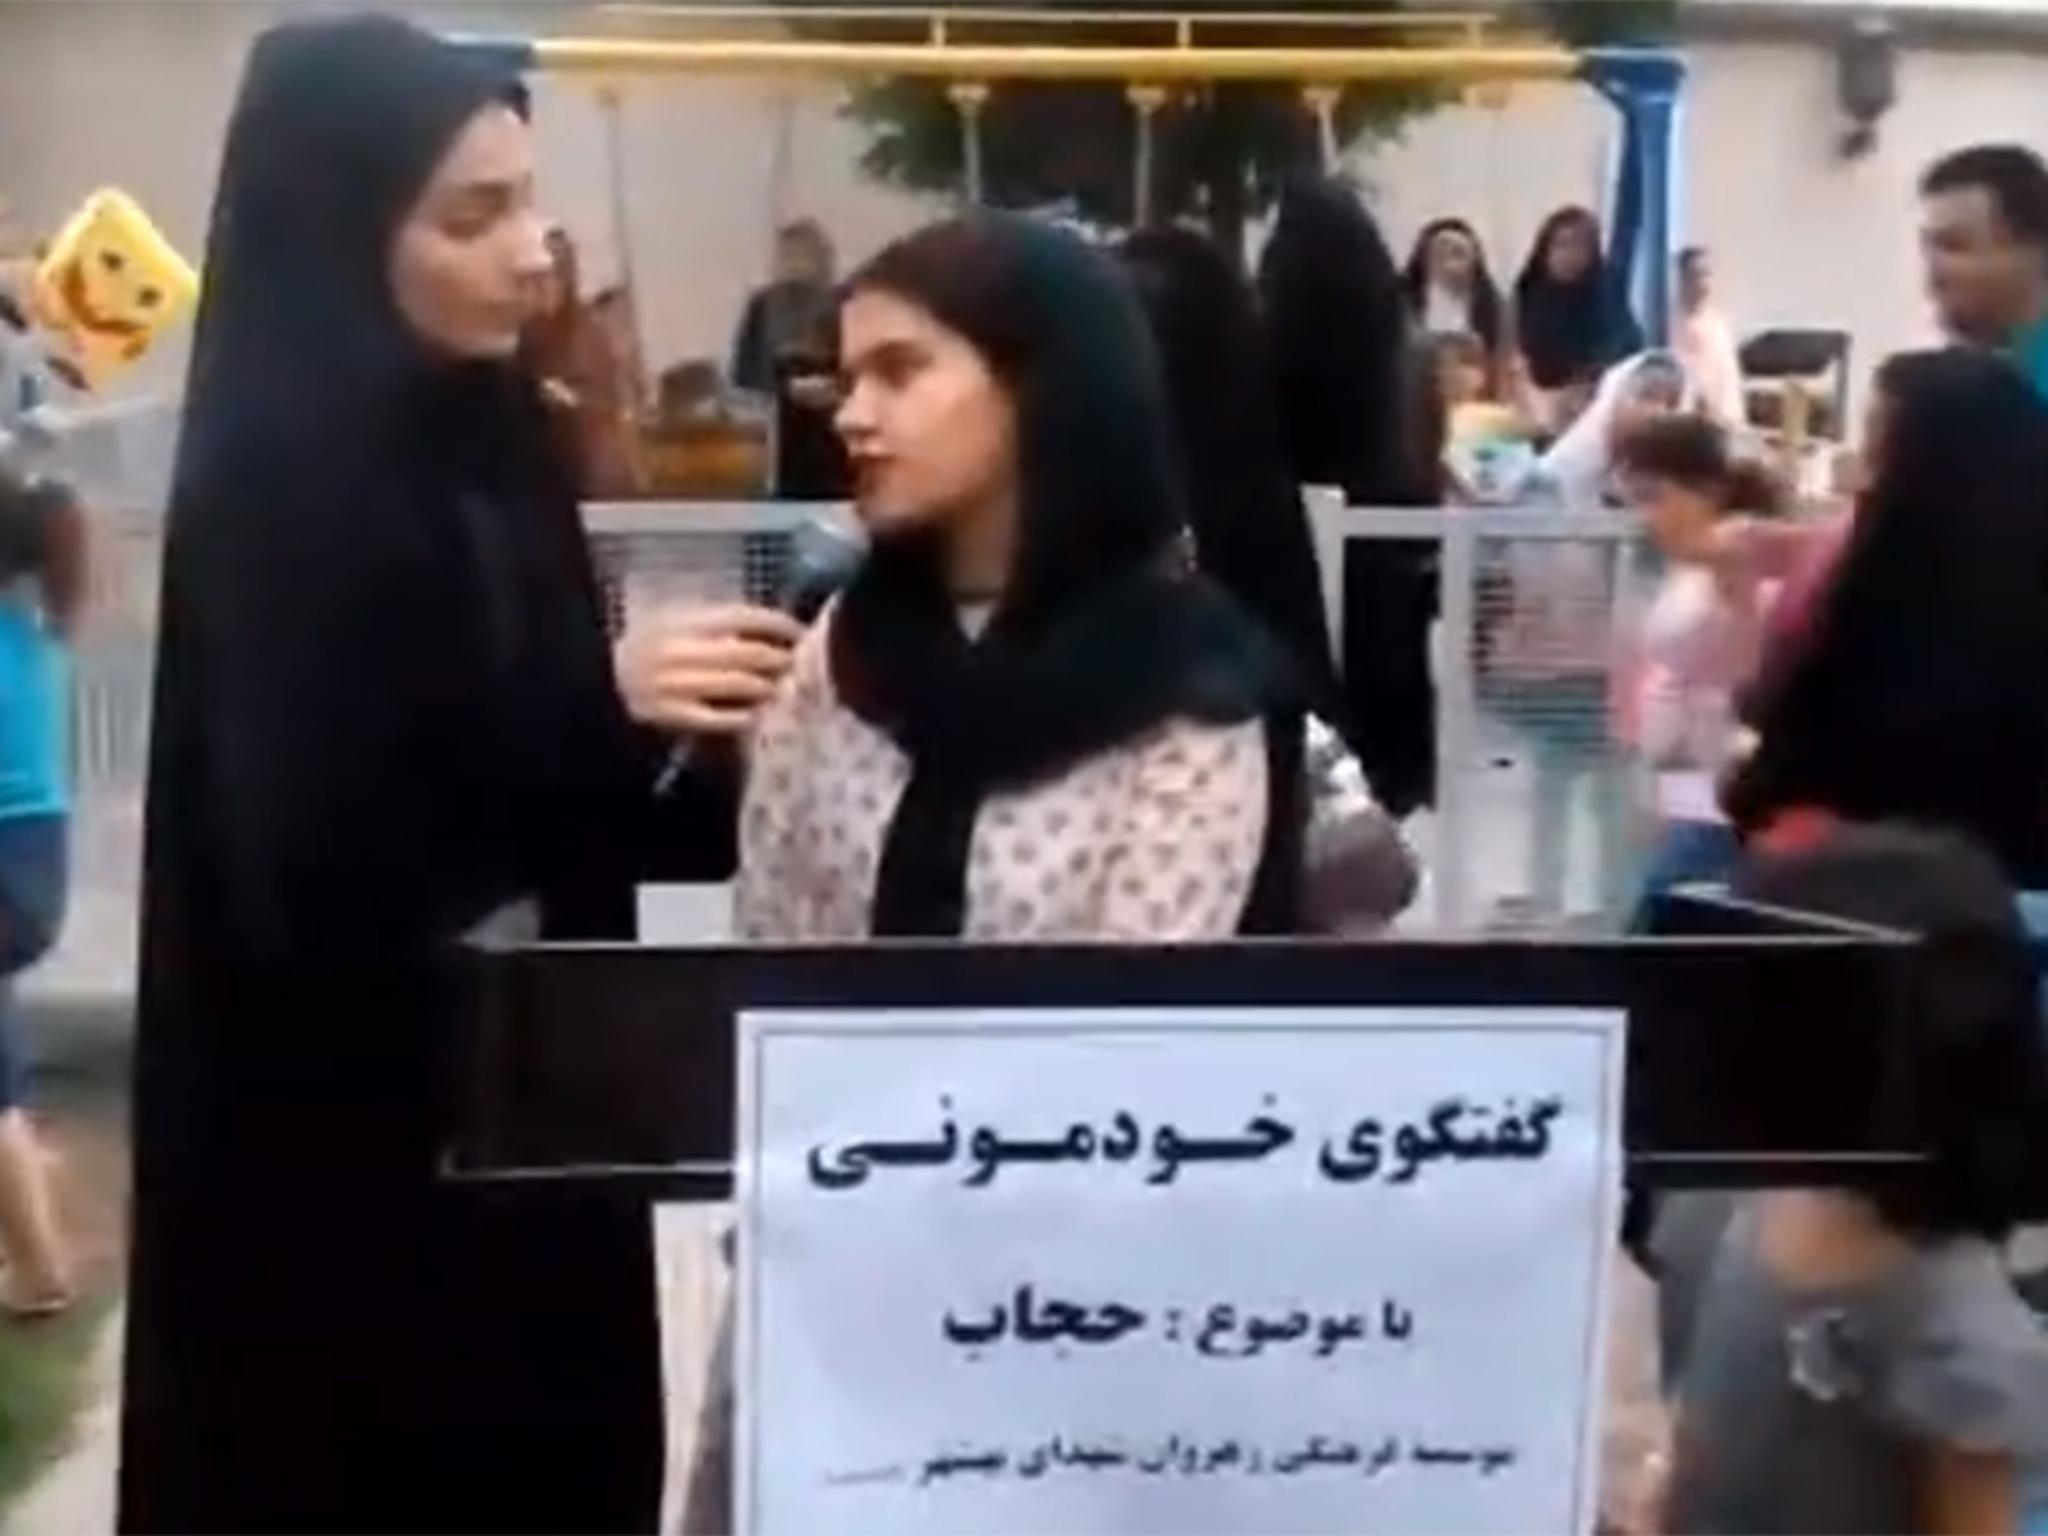 iranien vidéo de sexe gratuit chaud sexe nu Babes